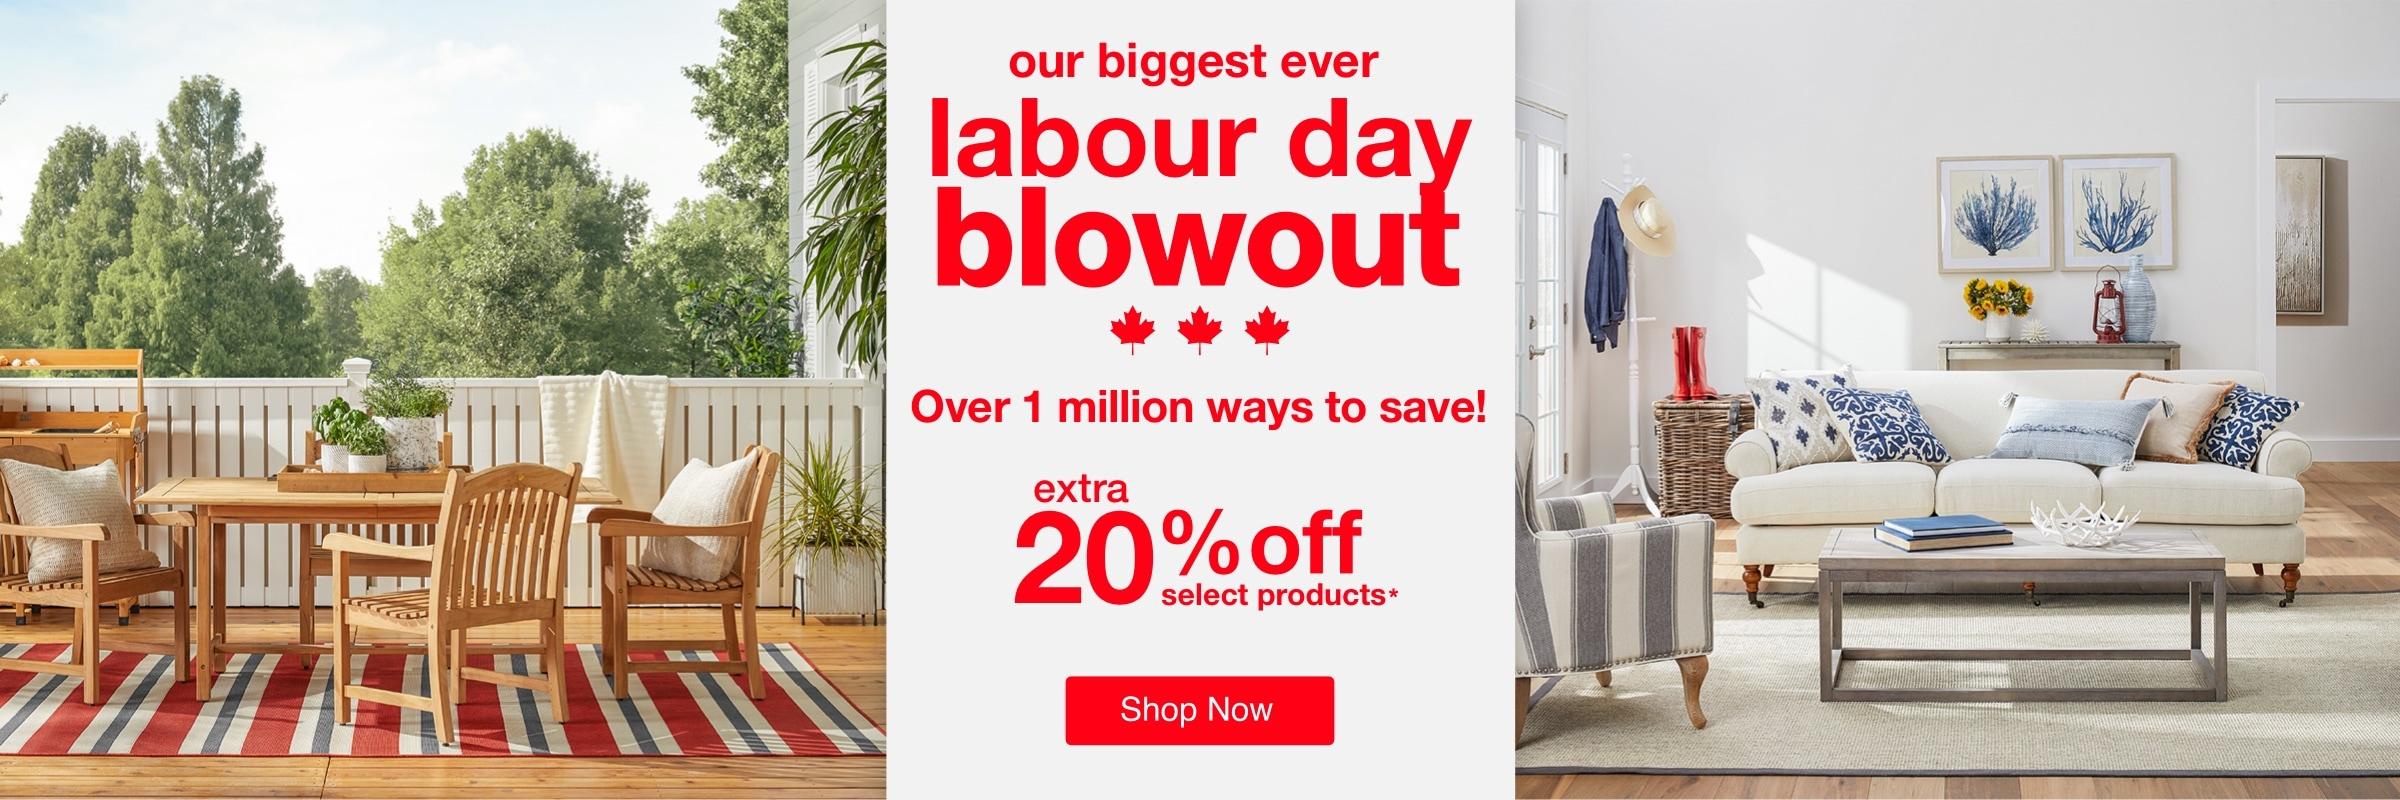 Labour Day Blowout desktop